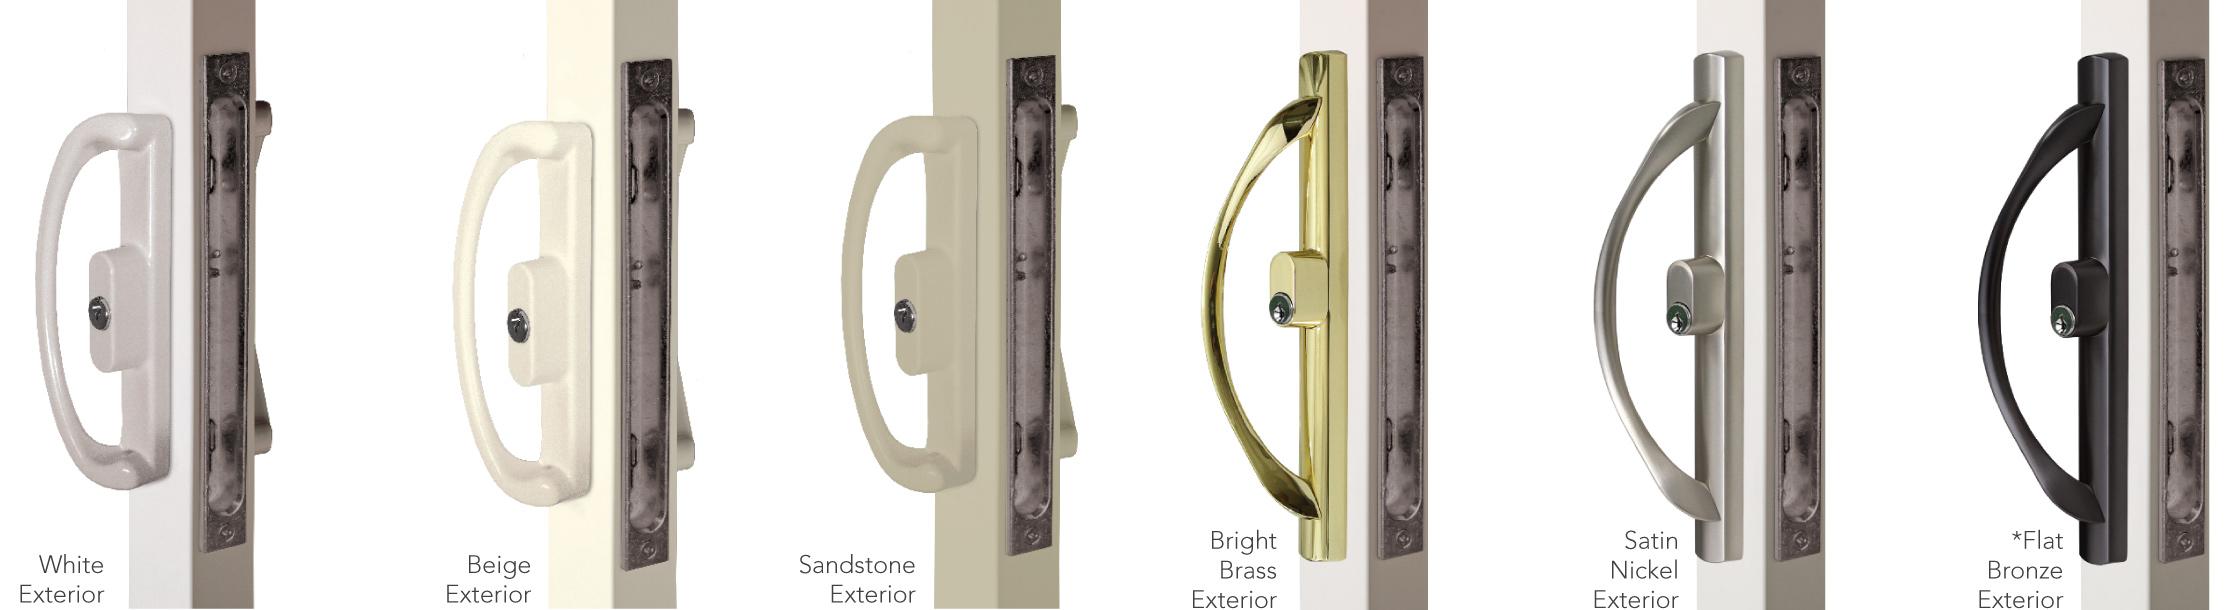 Optional Patio Door Hardware